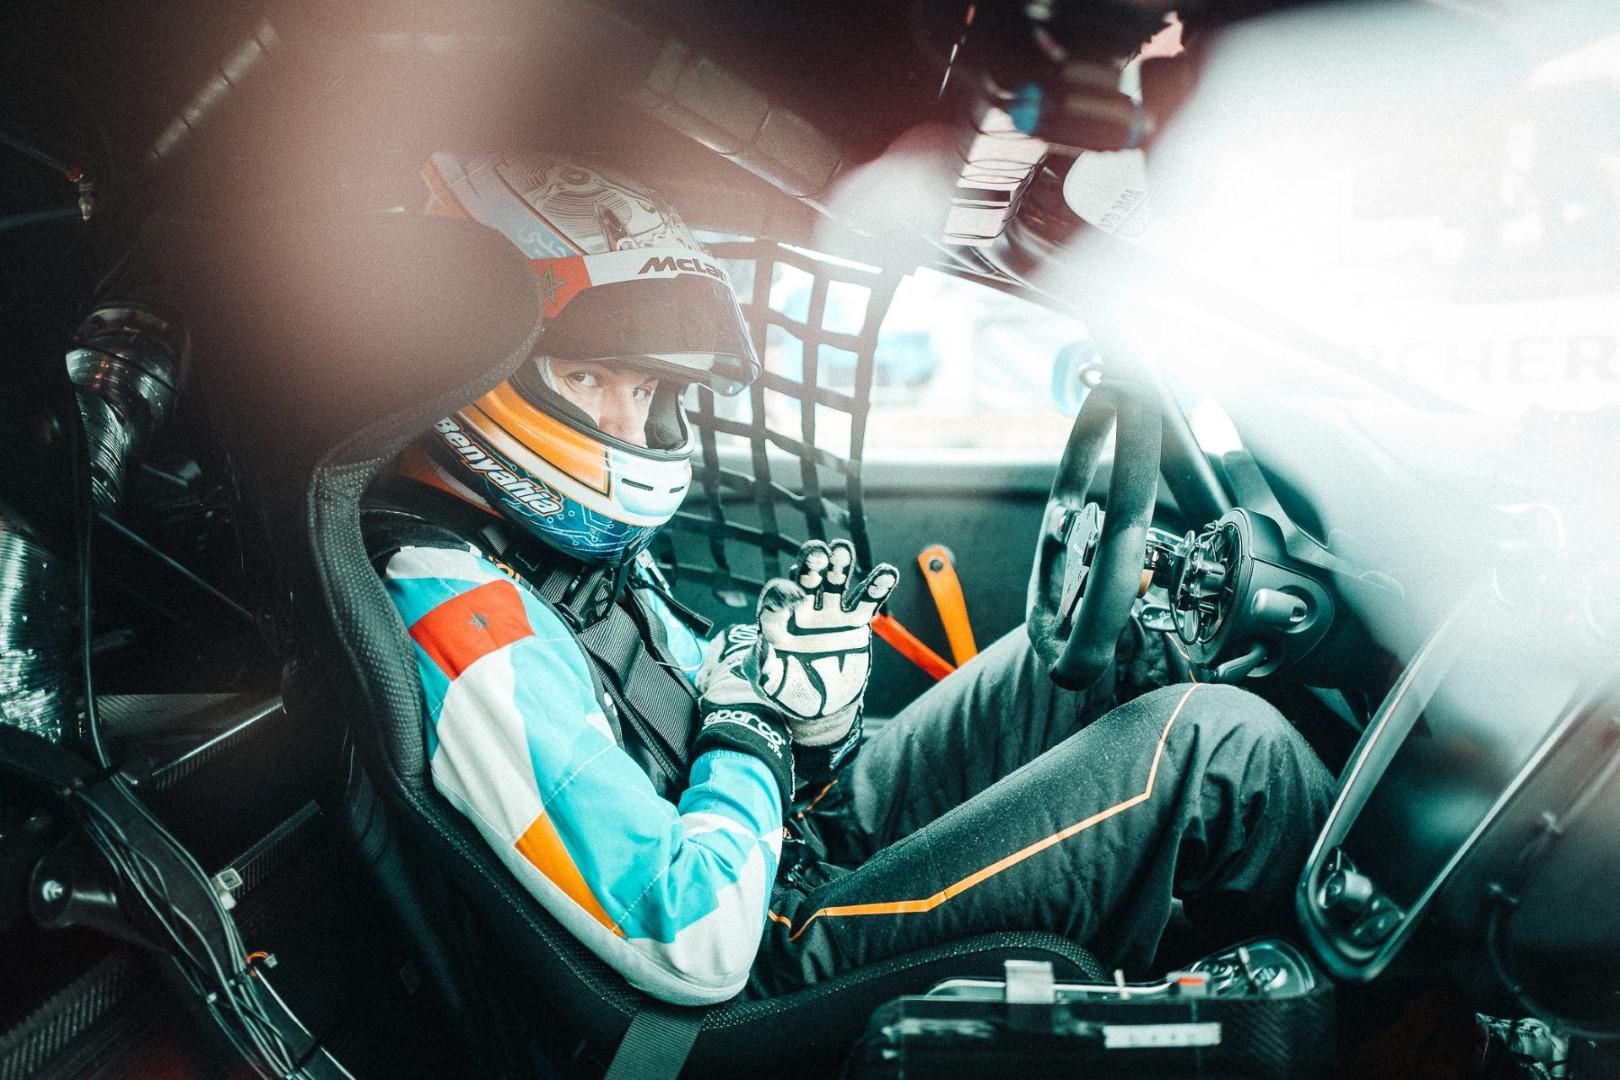 Le pilote marocain Benyahia évolue en 2019 dans le championnat d'Europe et d'Allemagne de la série GT4